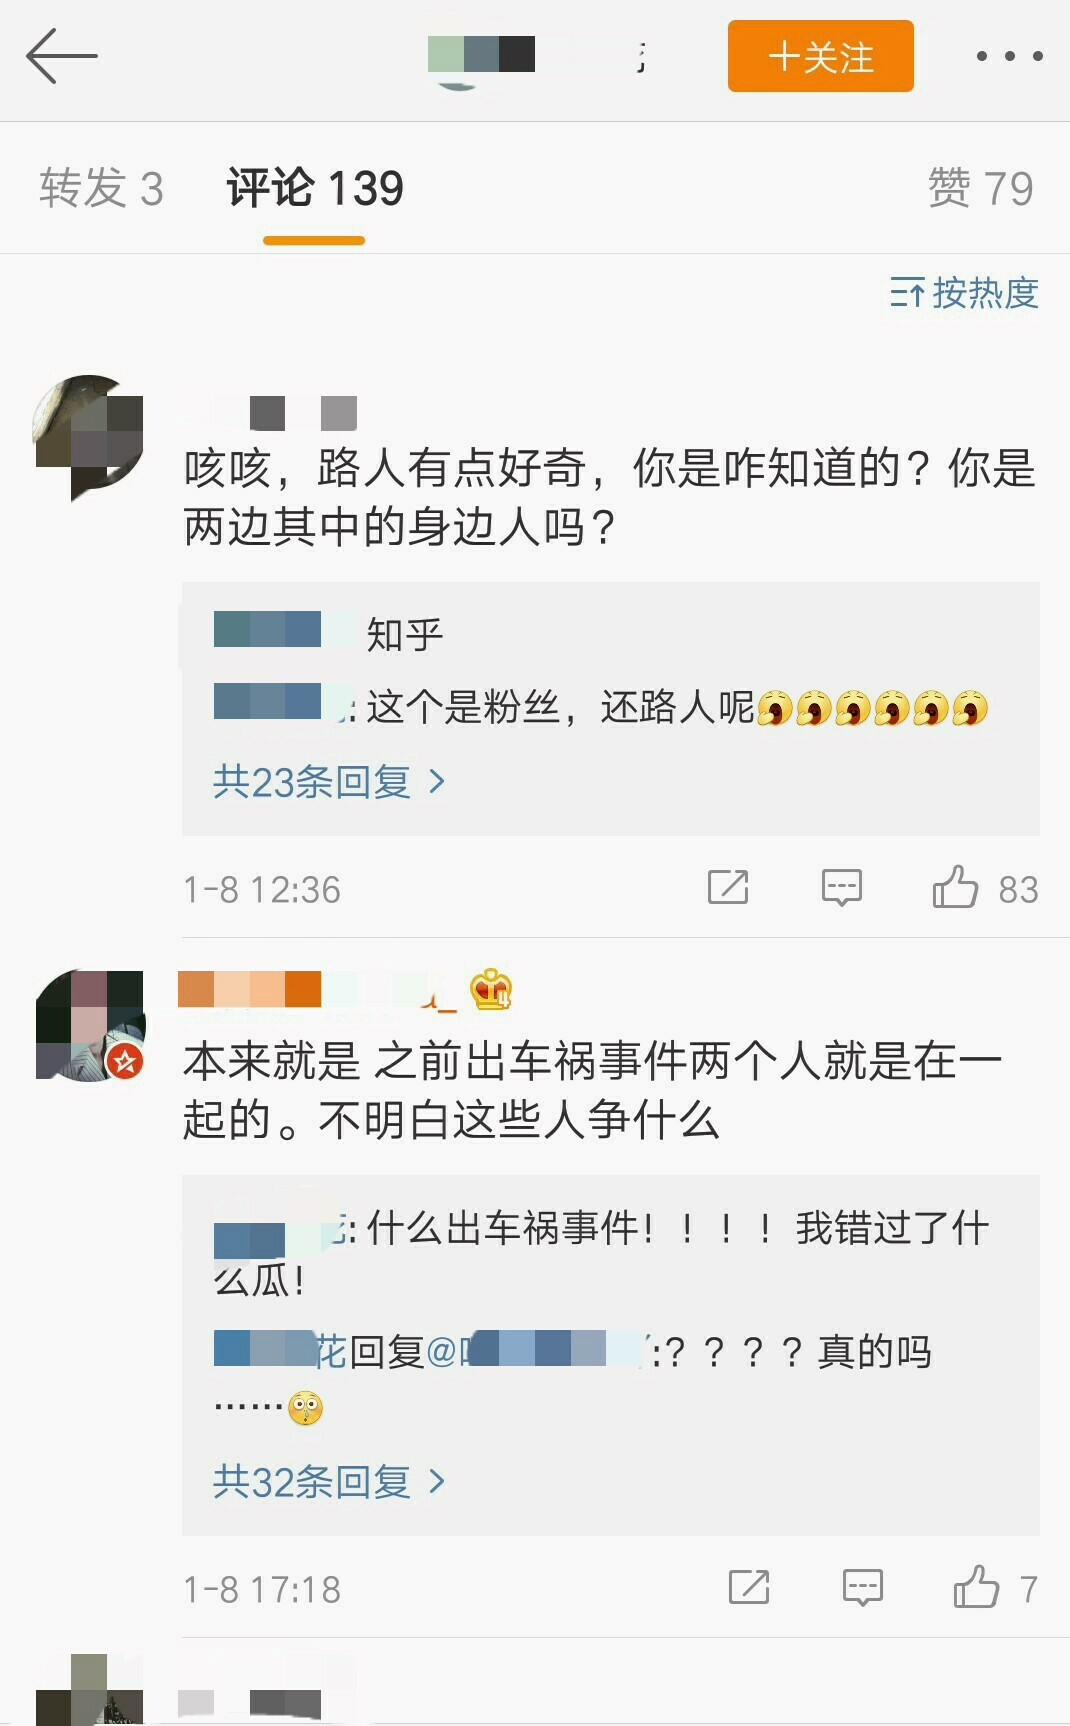 网传杨幂和李易峰在一起了?又传大幂幂和谢霆锋这个瓜也太假了吧